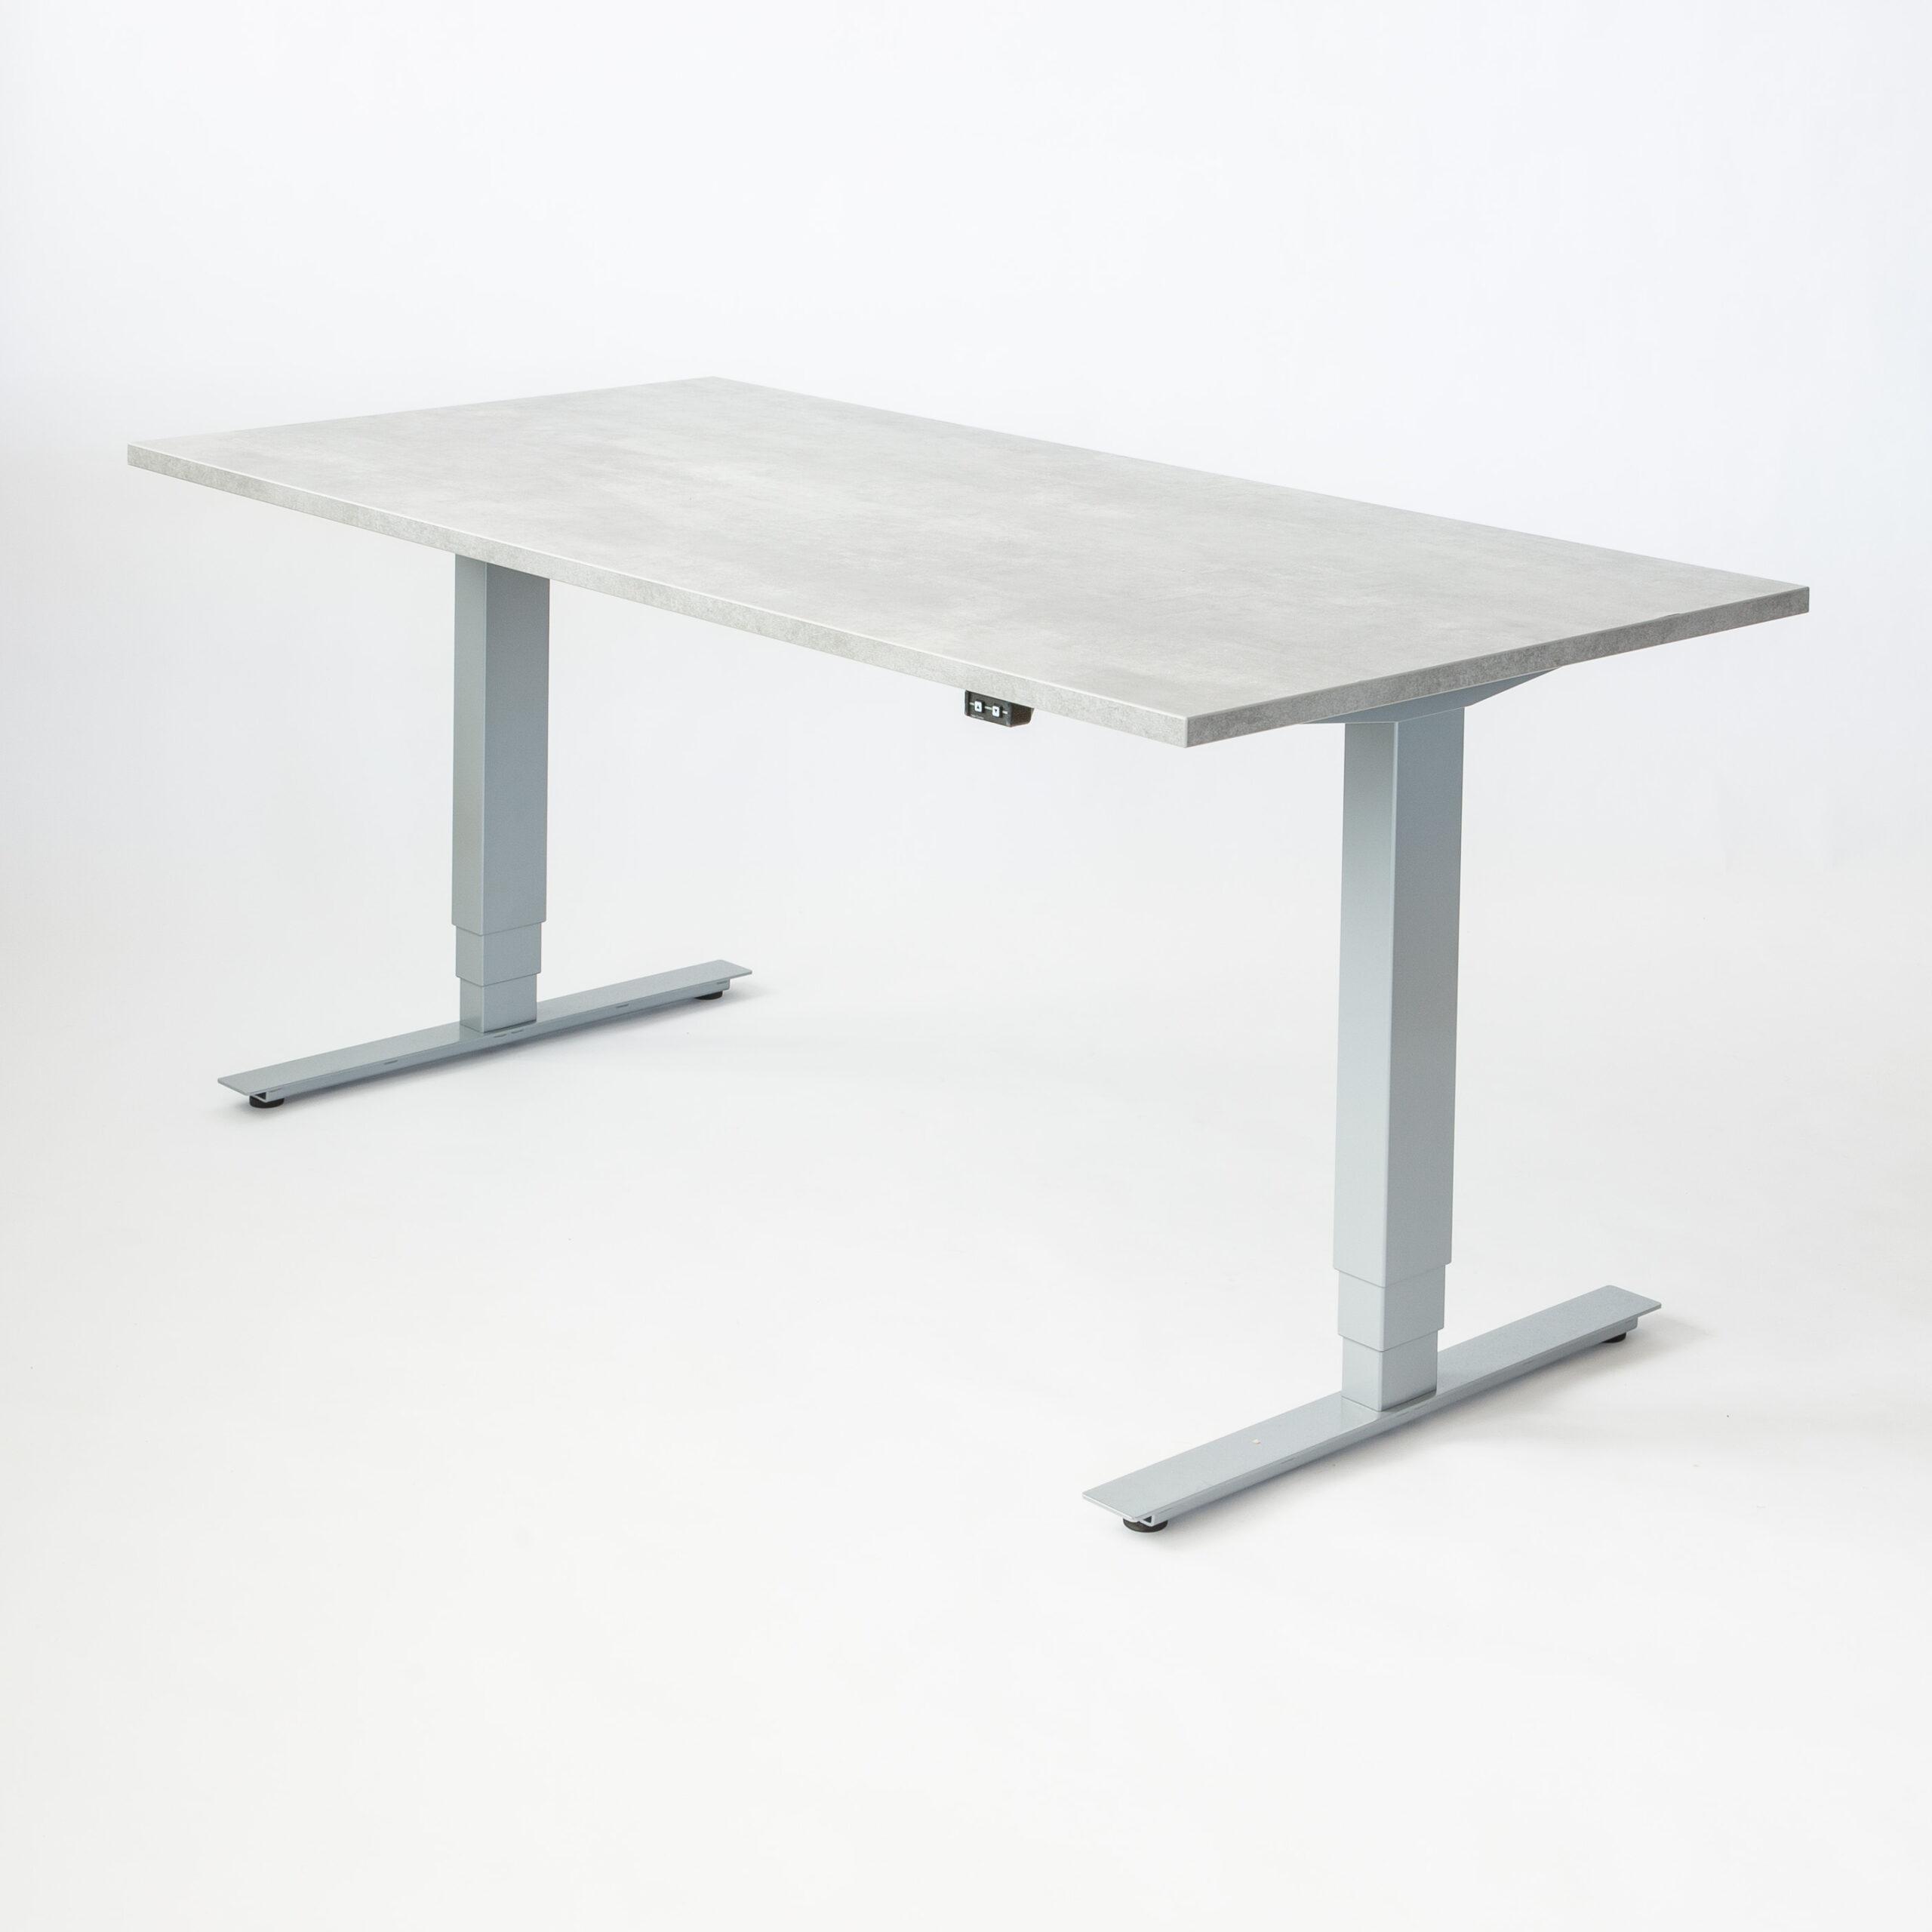 Stühle-Teppiche-141